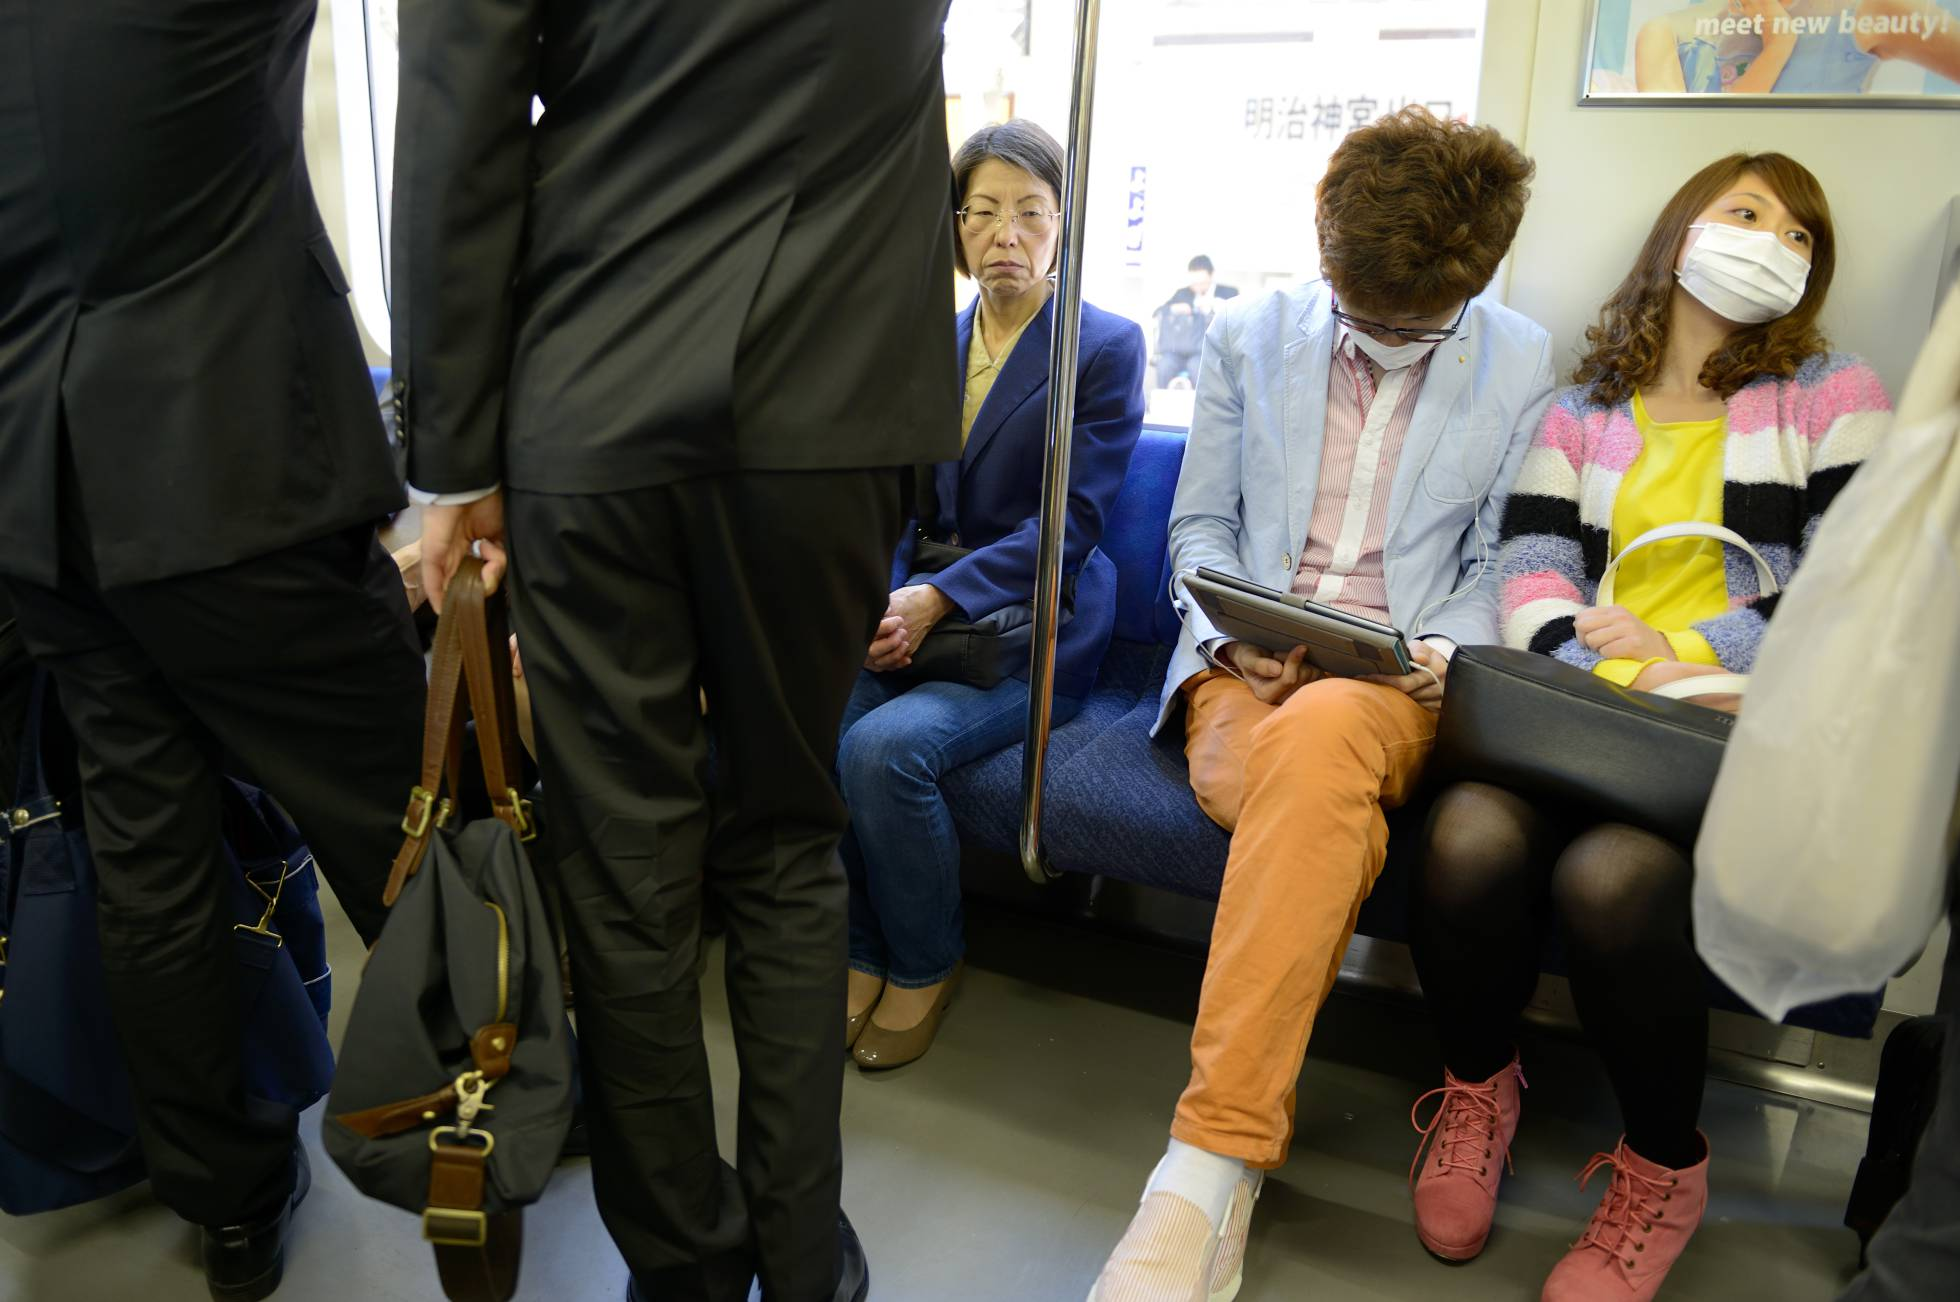 Un hombre de 62 años apuñala a otro de 34 por negarse a cederle un asiento en un tren de Japón